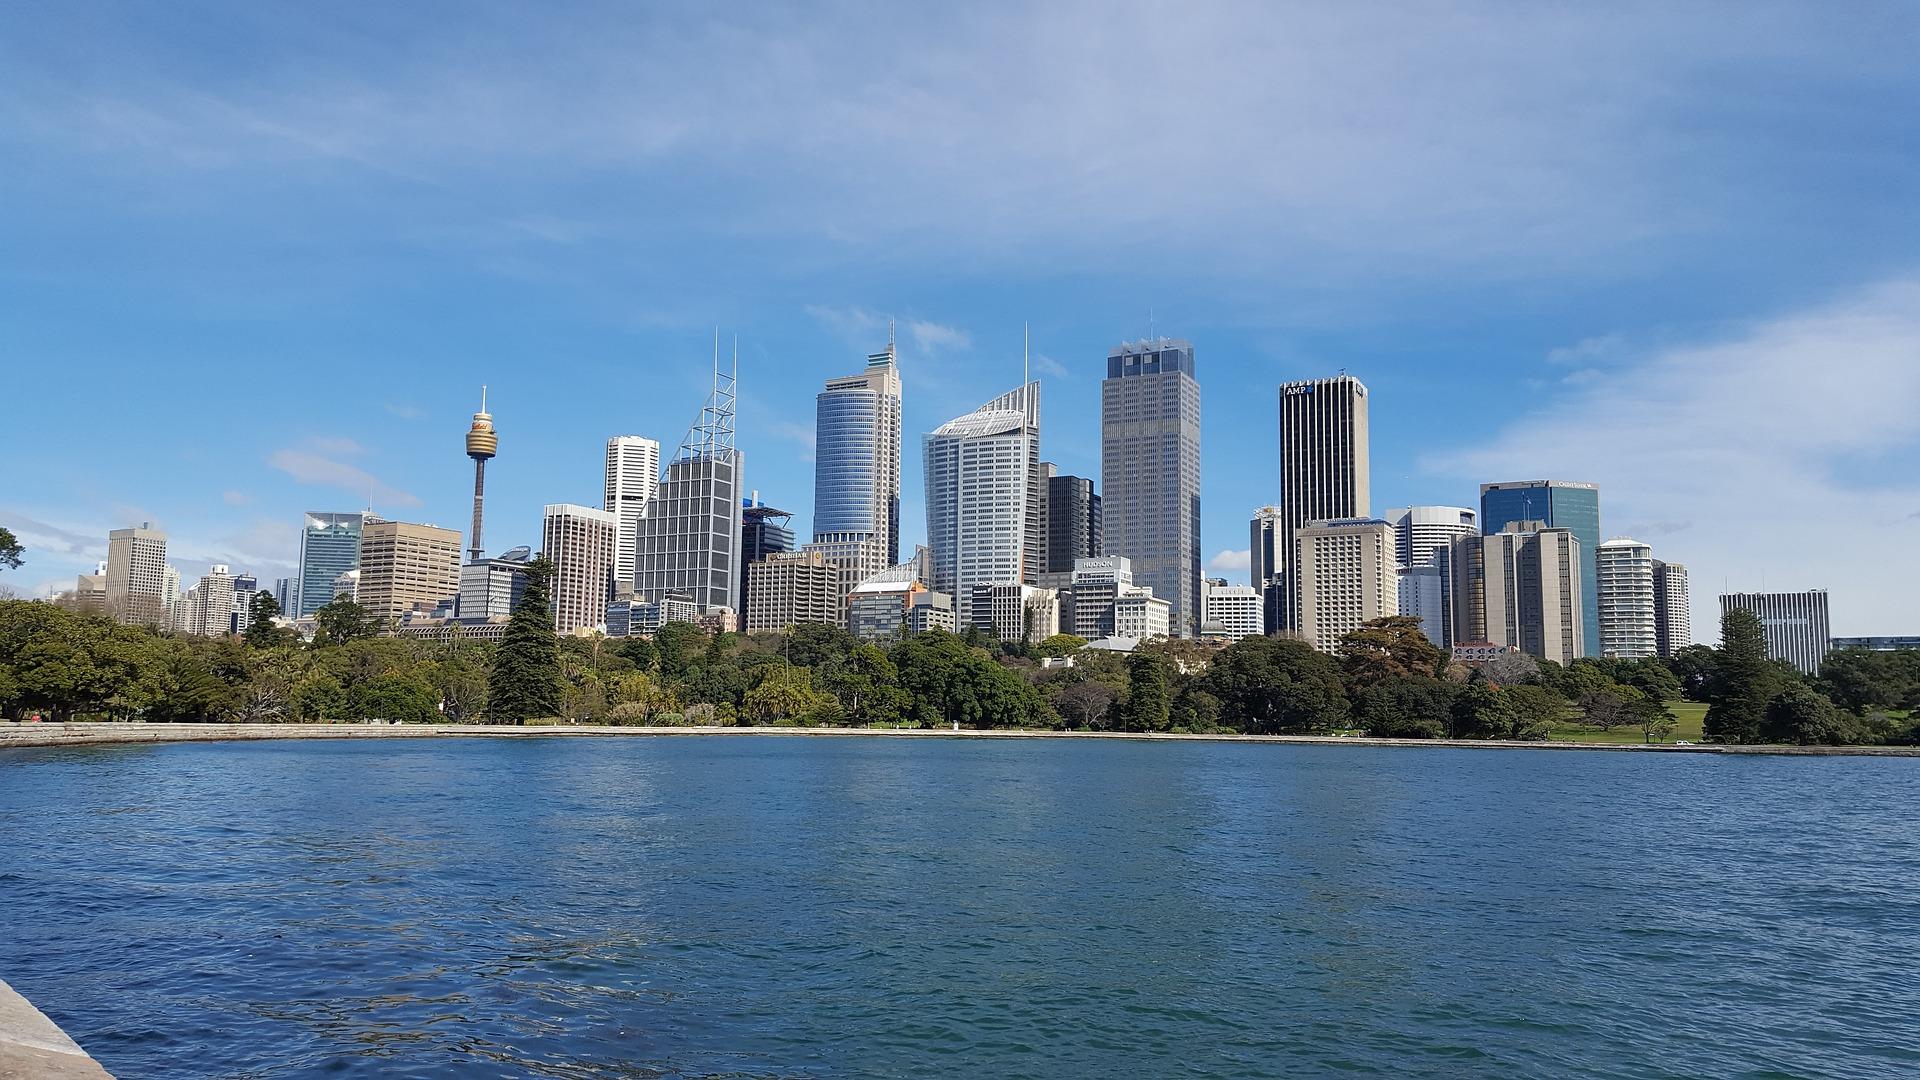 Skyline, Sydney Australia